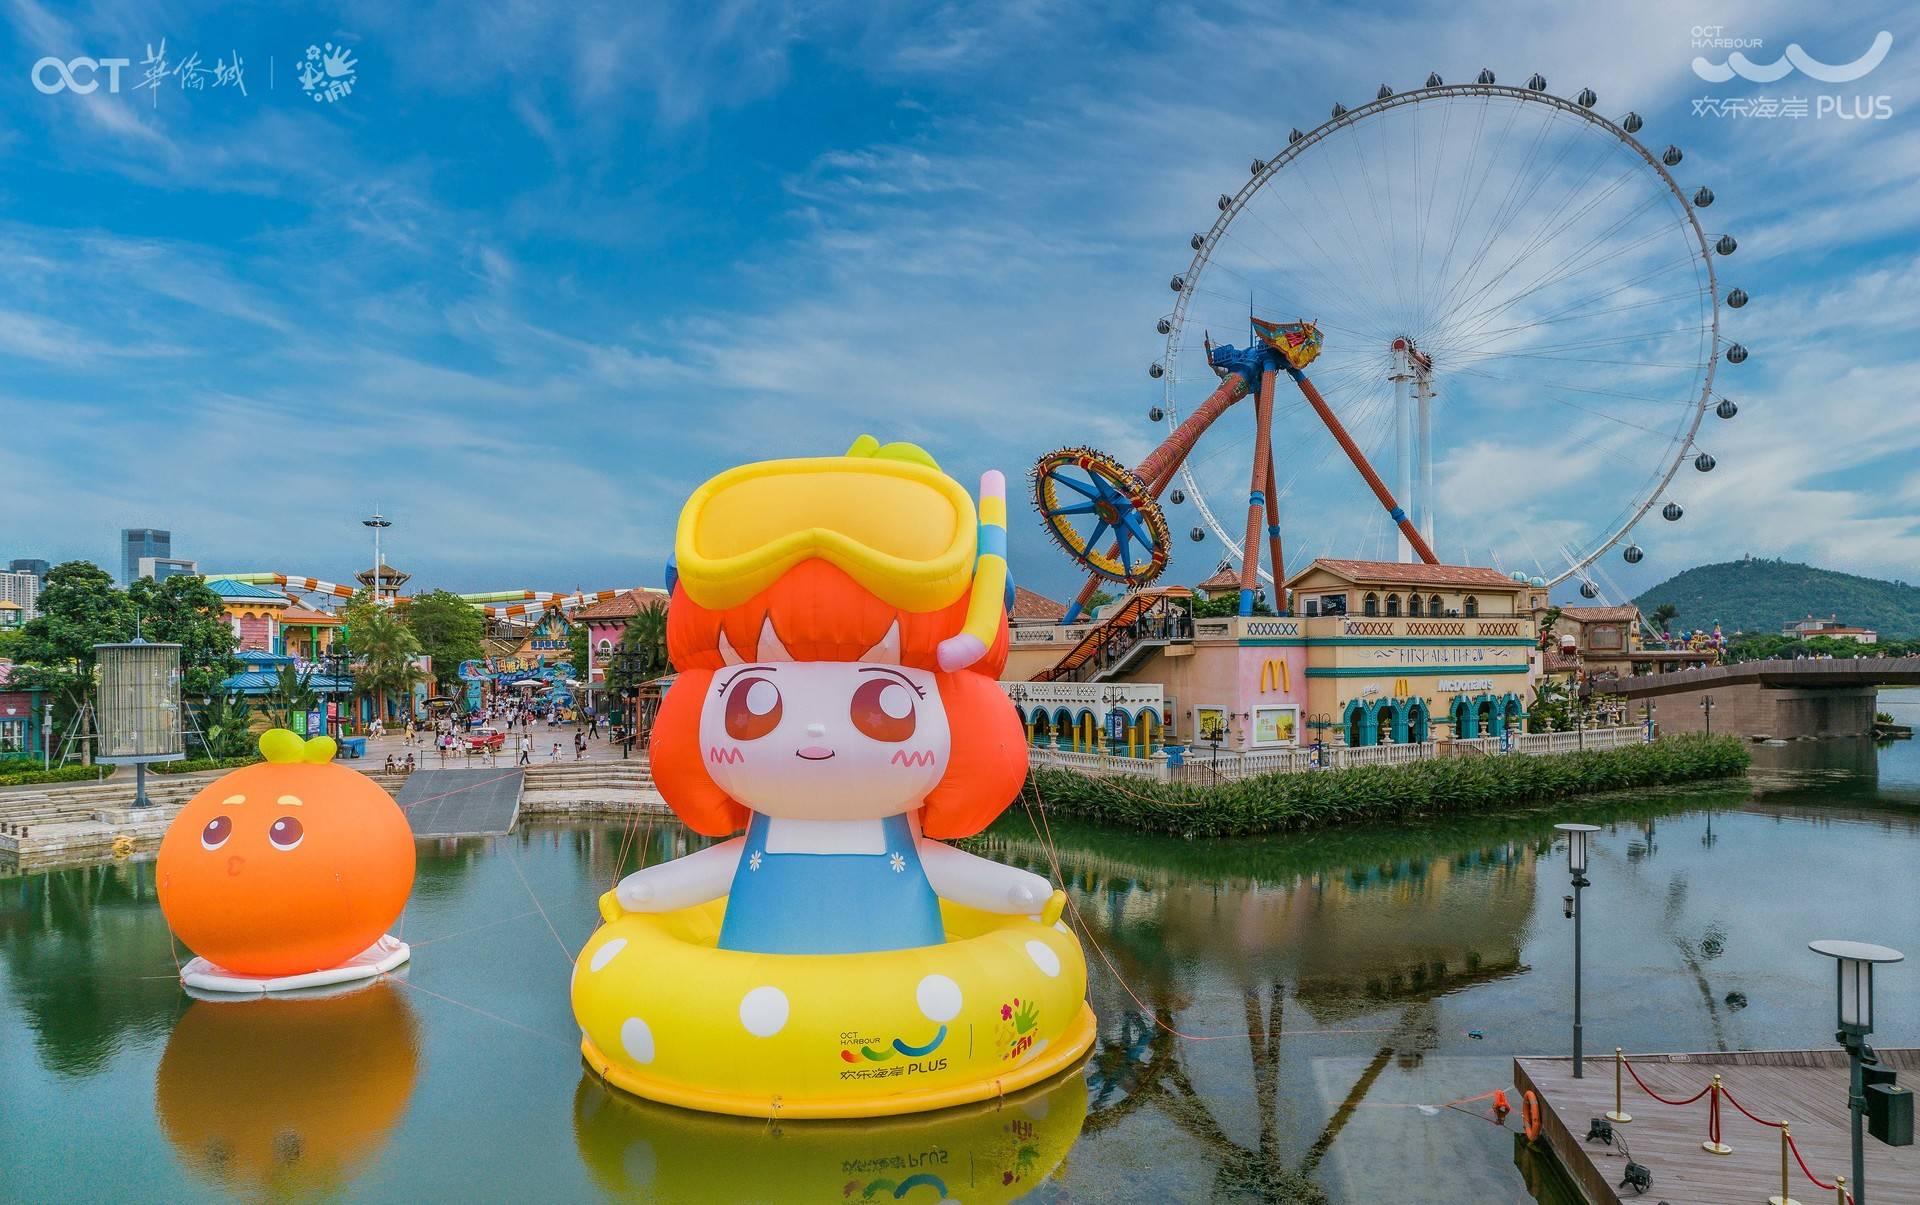 恒达平台登录网址2021华侨城文化旅游节!全国最大12米高花小橙亮相欢乐海岸PLUS